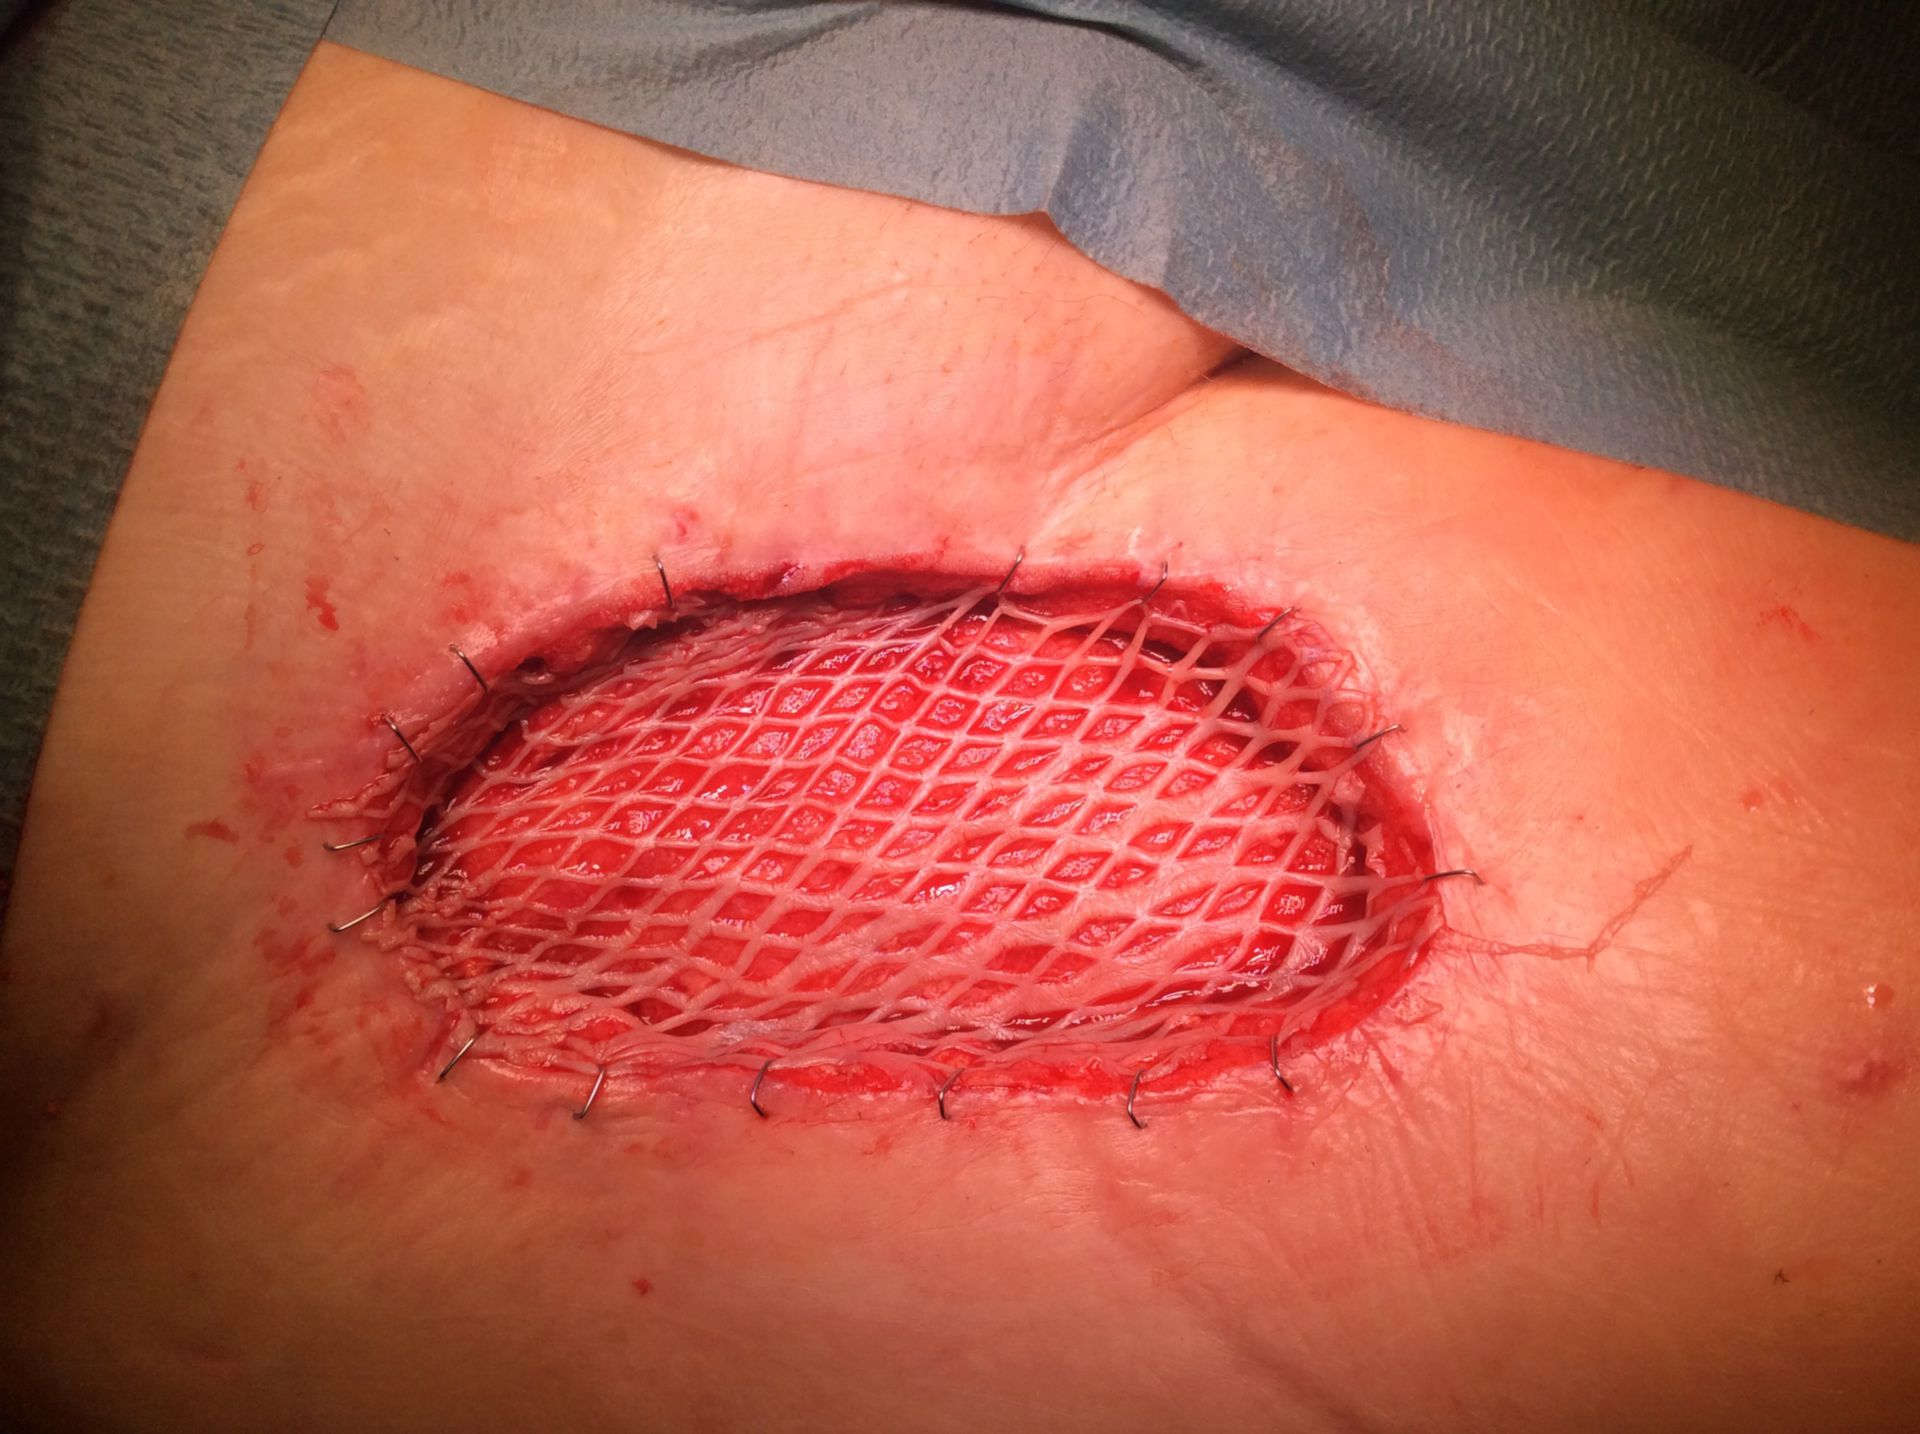 Trasplante de piel de la ingle derecha tras lavar con VAC Verflow debido a la infección de MRSA (Condición después de un Bypass)